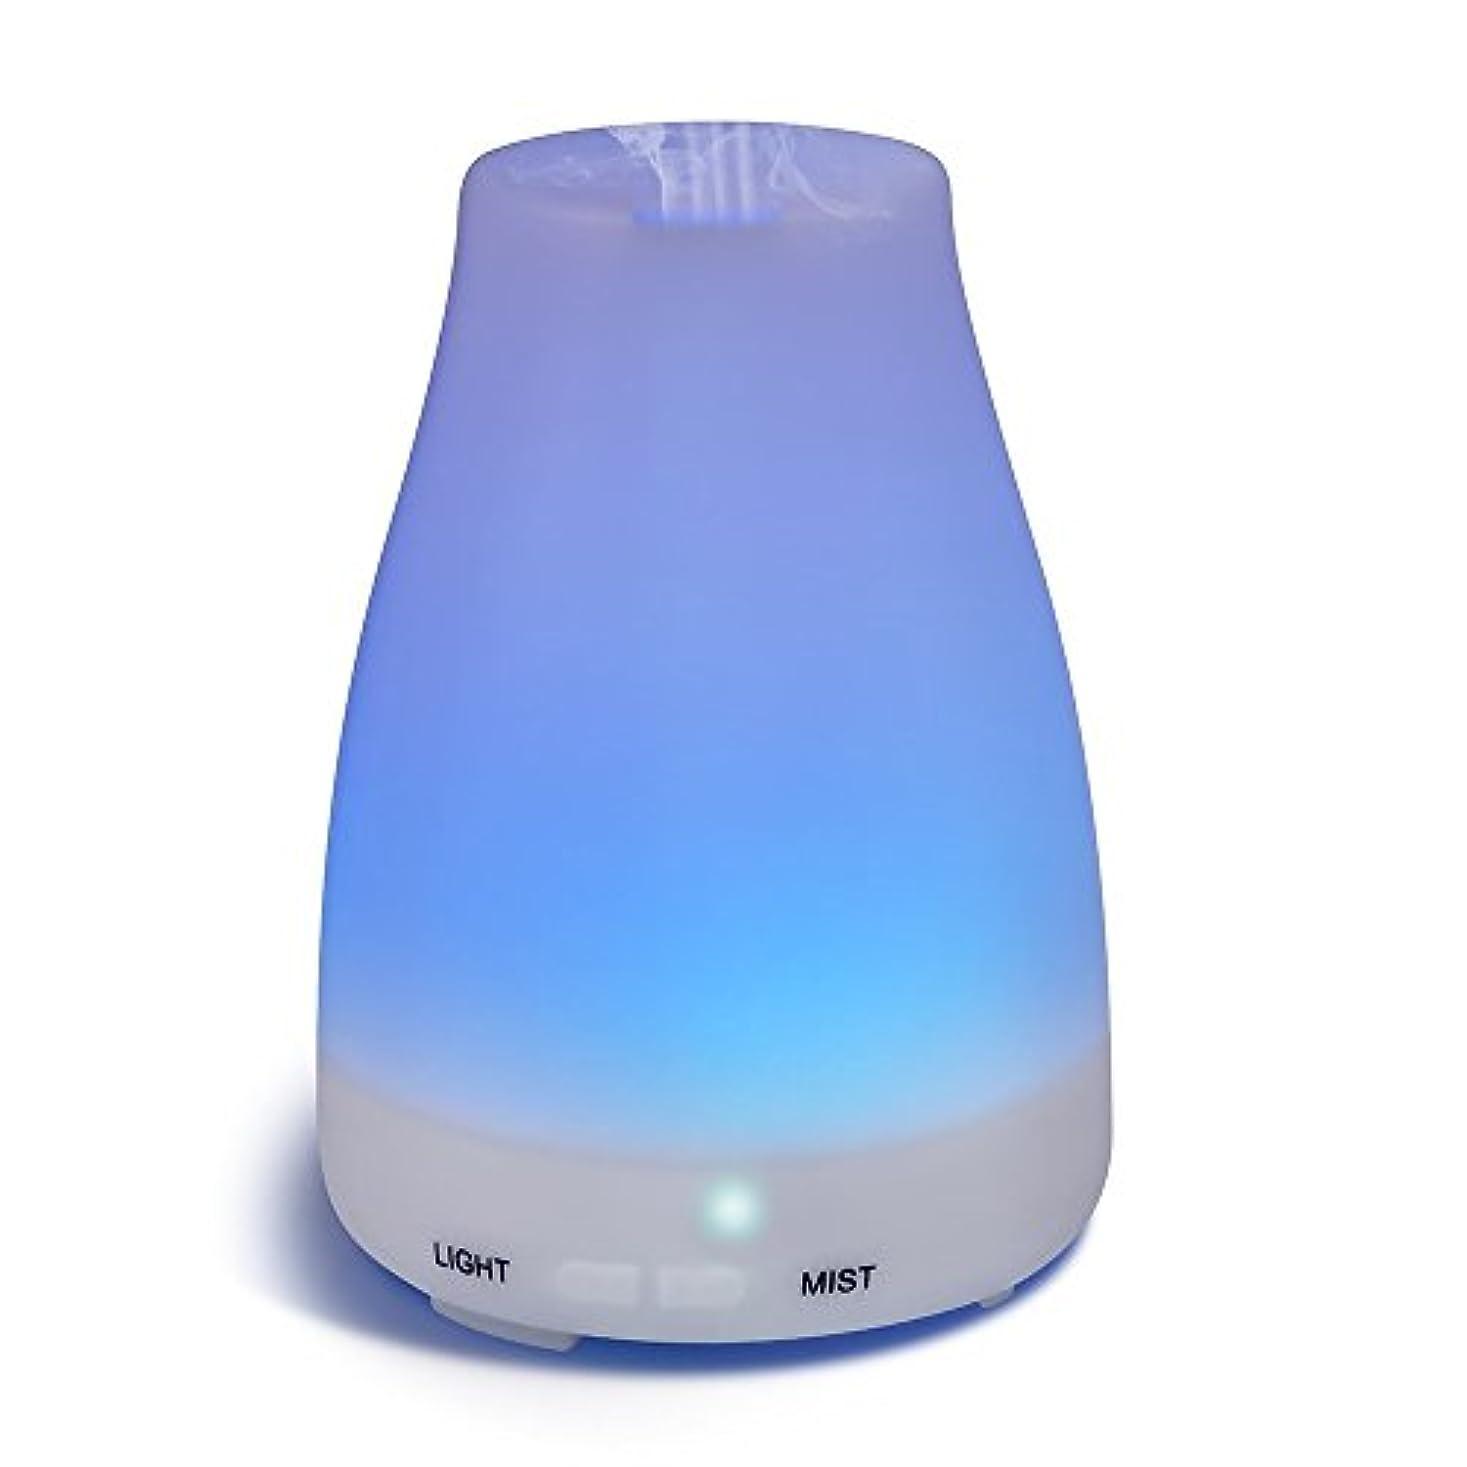 風味悪夢改善するHOMREE 100mL加湿器アロマセラピー エッセンシャル 油 ディフューザー、7 カラフル LED ライト、調節可能な ミスト モード そして オート シャット- オフ